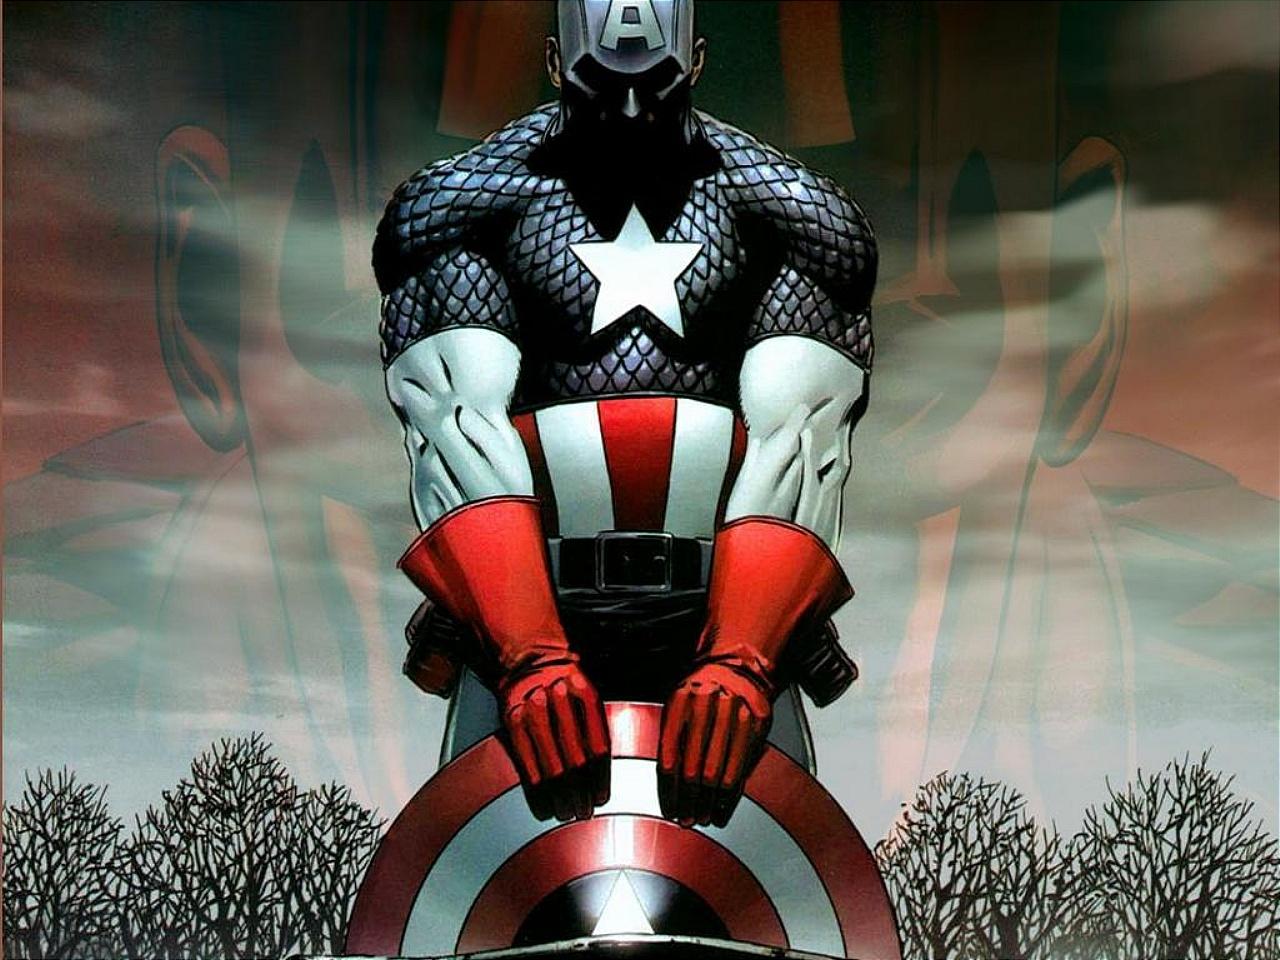 http://3.bp.blogspot.com/-IgiqbhQYaYc/TjmFy4iu27I/AAAAAAAAE04/uZSN1KmV4Qc/s1600/Captain%20America%201.jpg